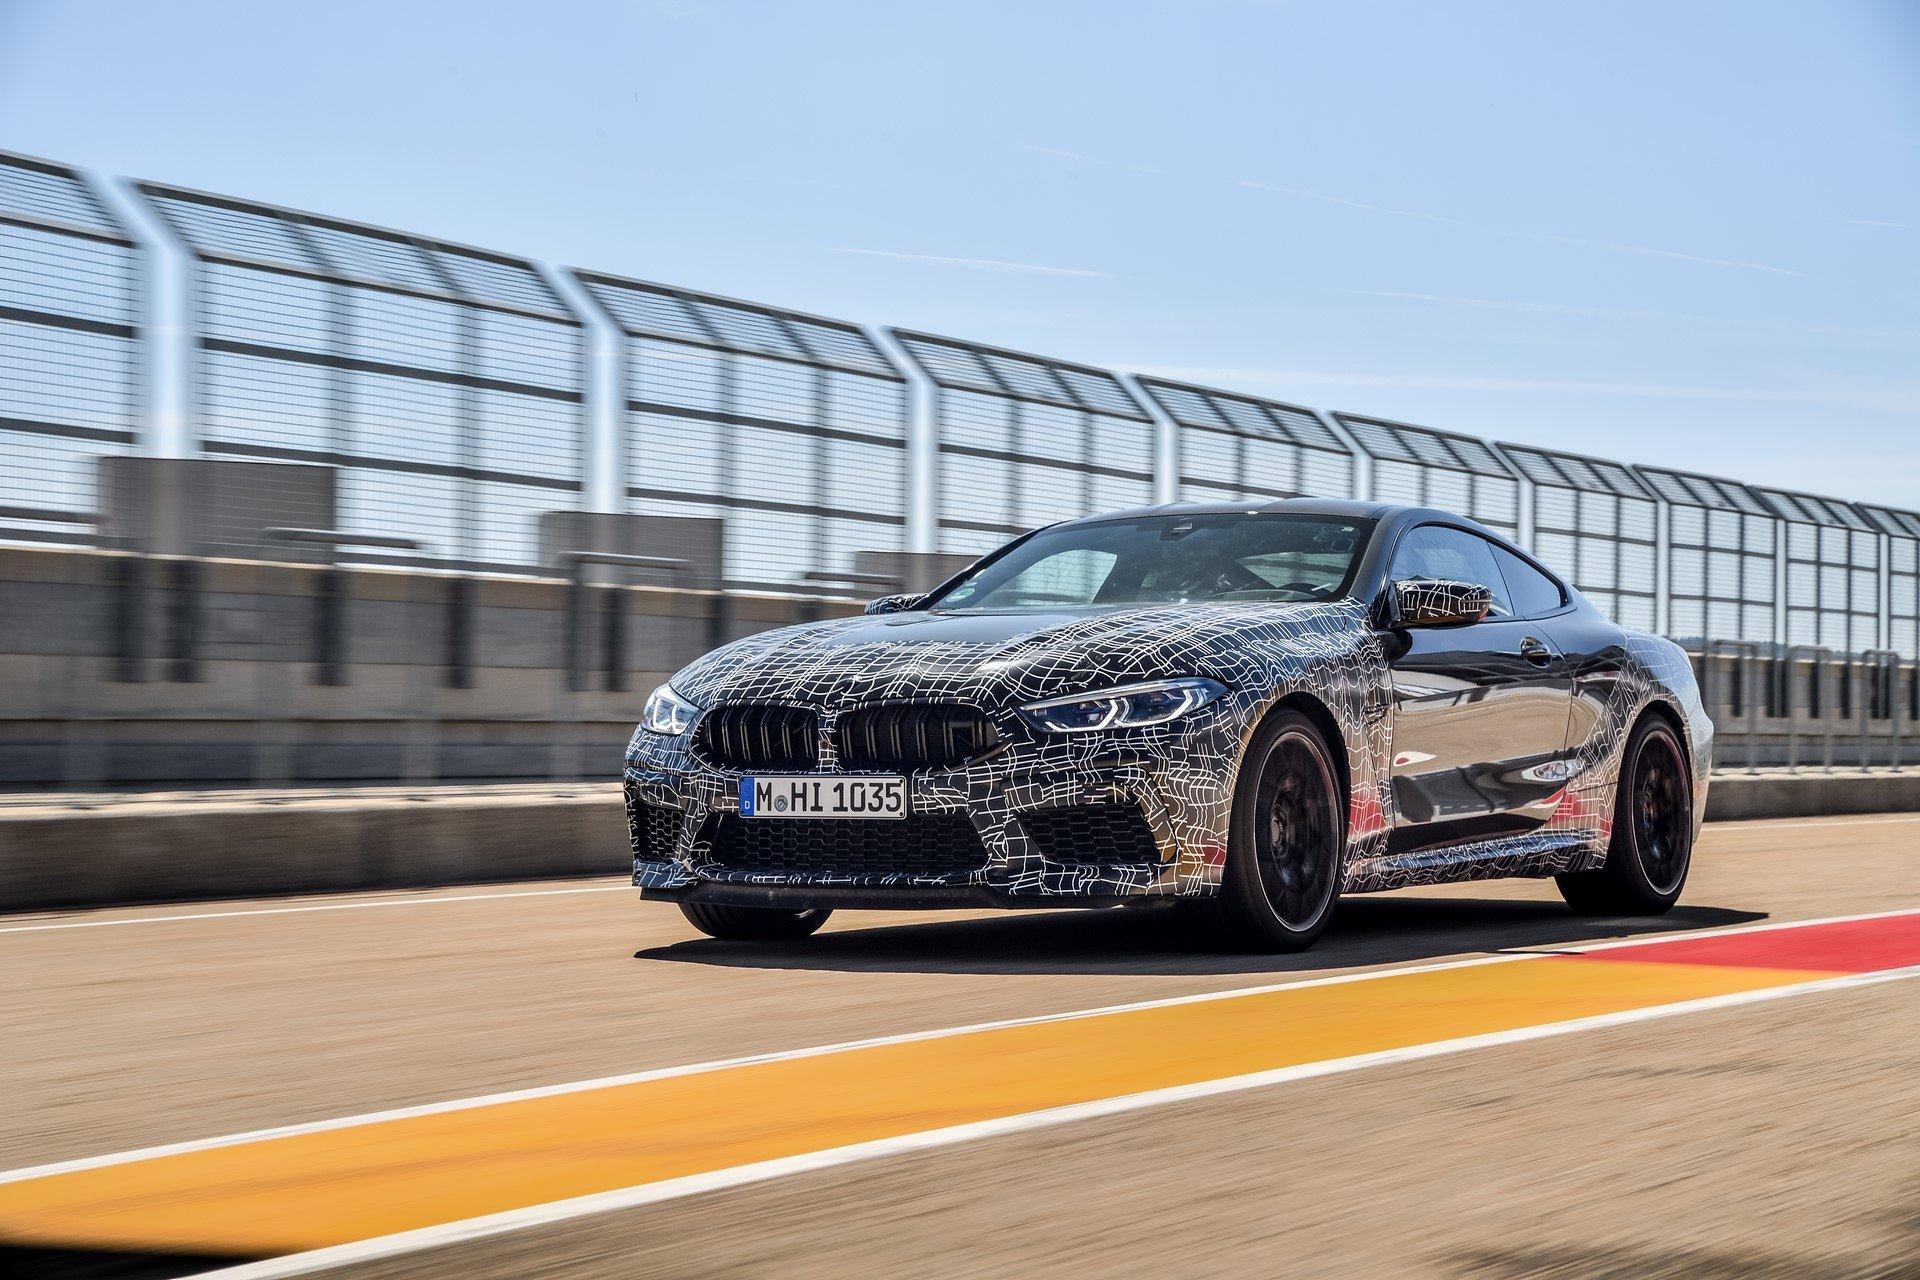 BMW-M8-spy-photos-21